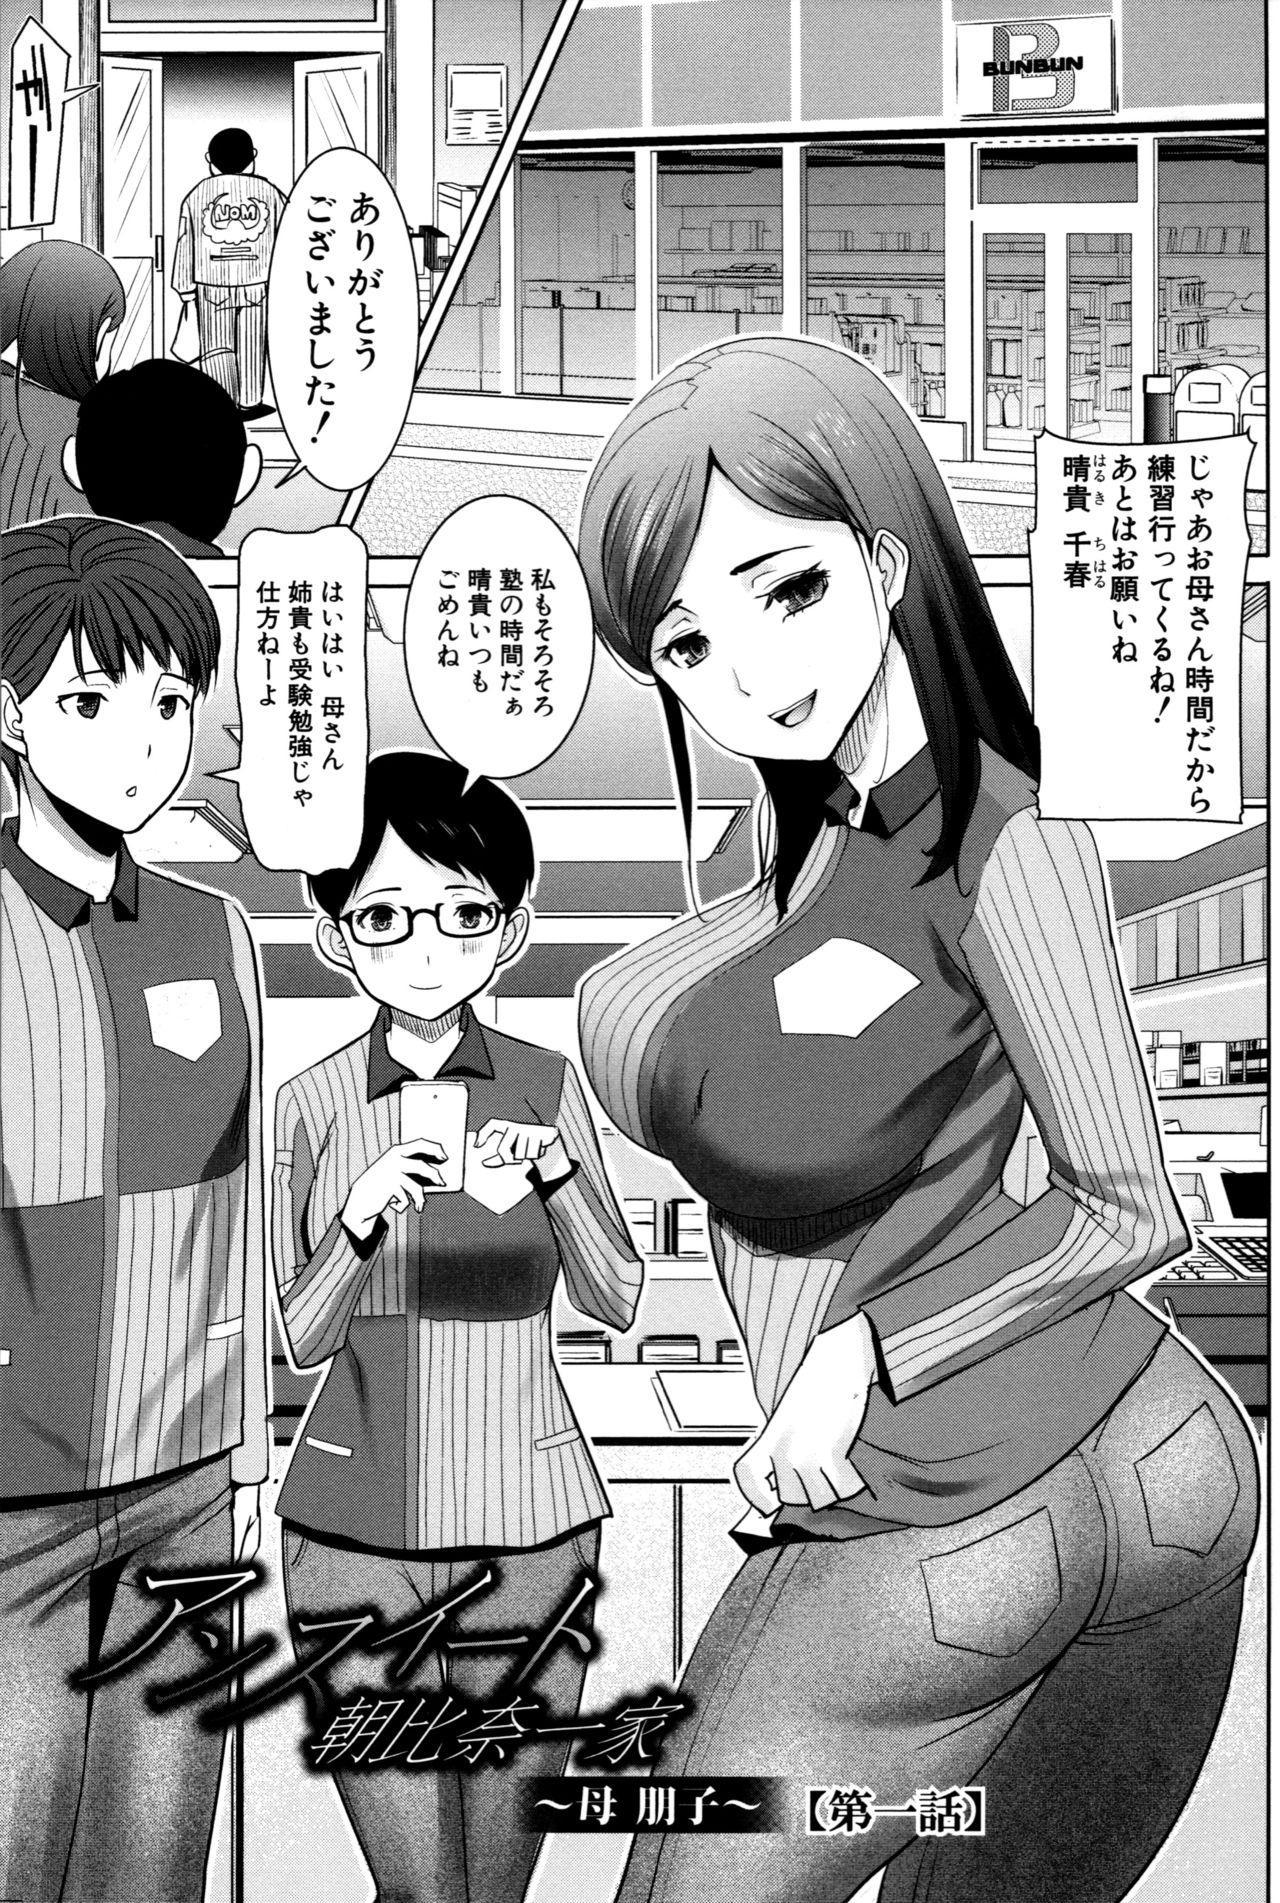 Unsweet - Asahina Ikka Netorareta Haha · Tomoko 4